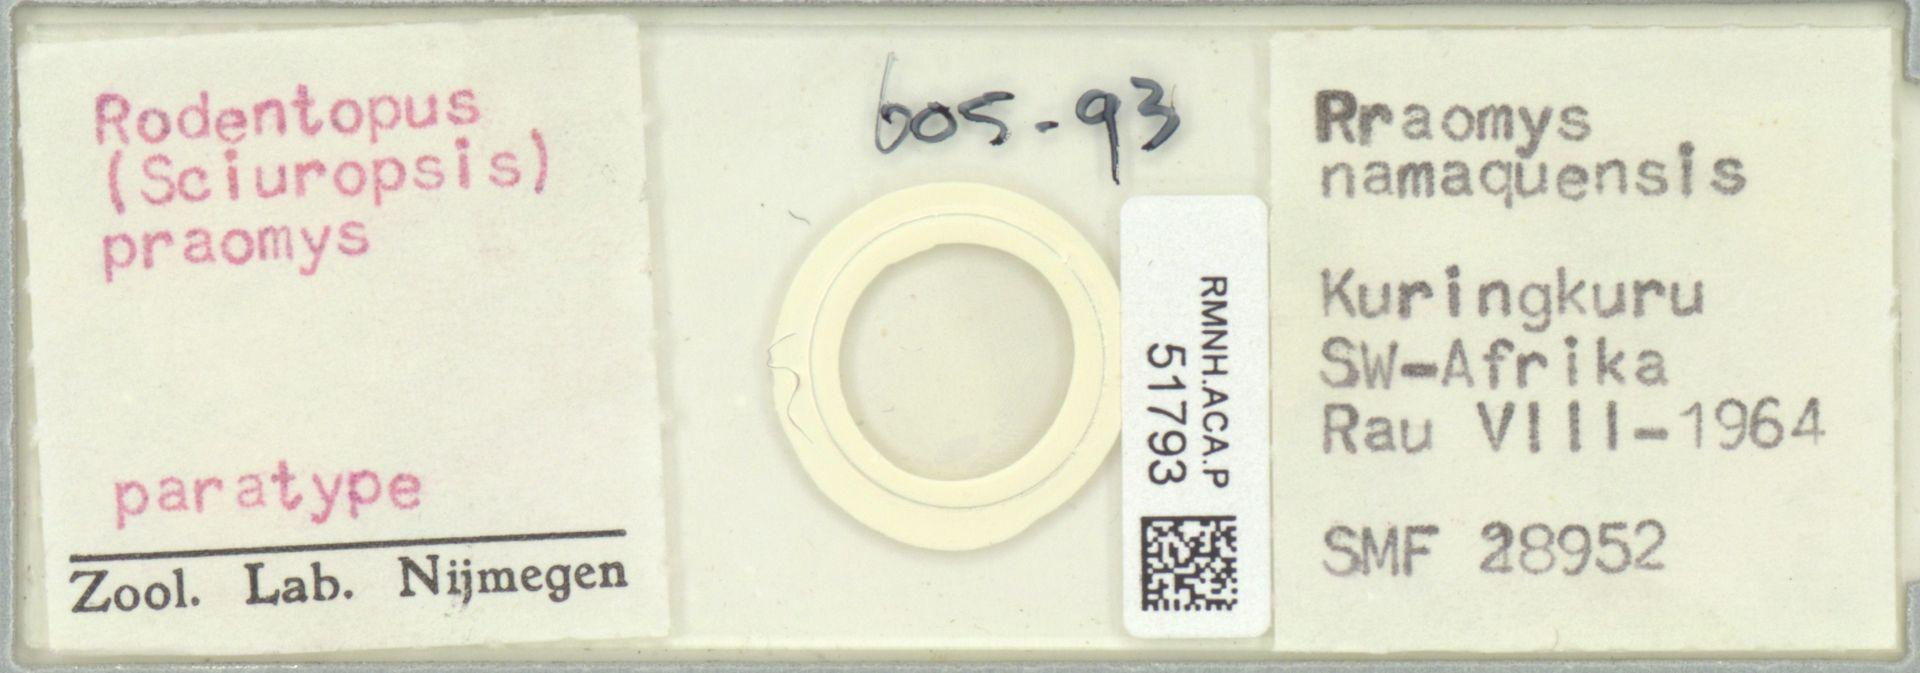 RMNH.ACA.P.51793   Rodentopus (Sciuropsis) praomys